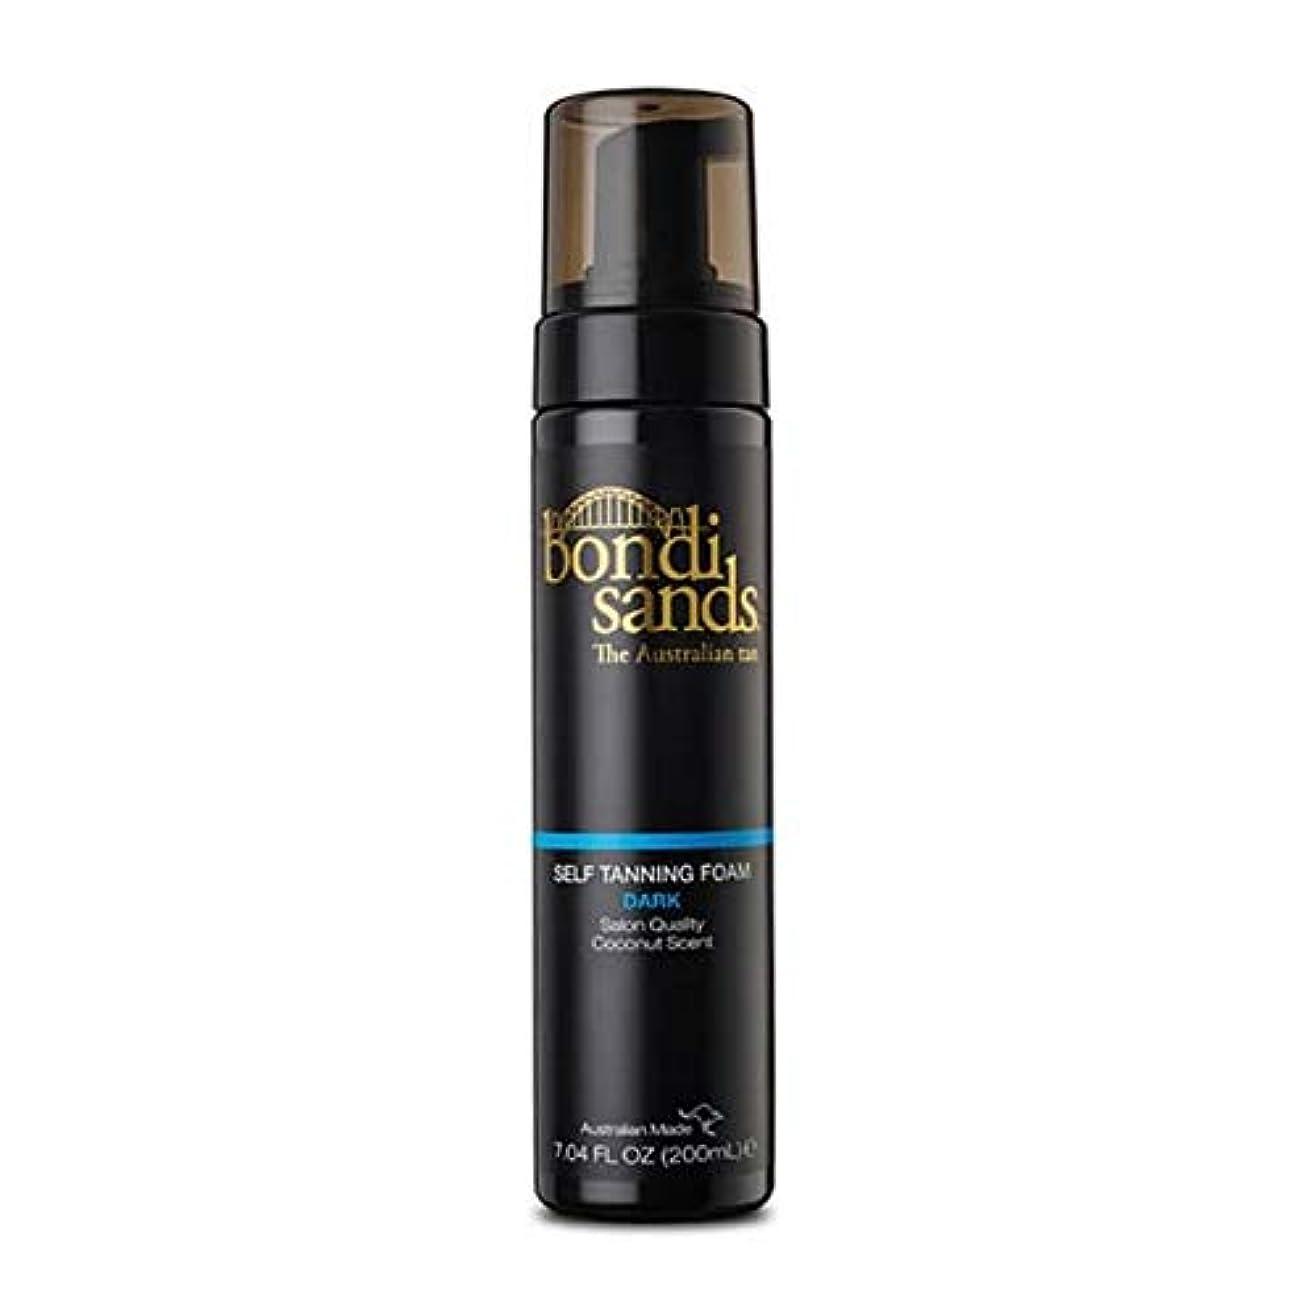 国歌まだら閲覧する[Bondi Sands ] ボンダイ砂セルフタンニングフォームダーク200ミリリットル - Bondi Sands Self tanning Foam Dark 200ml [並行輸入品]